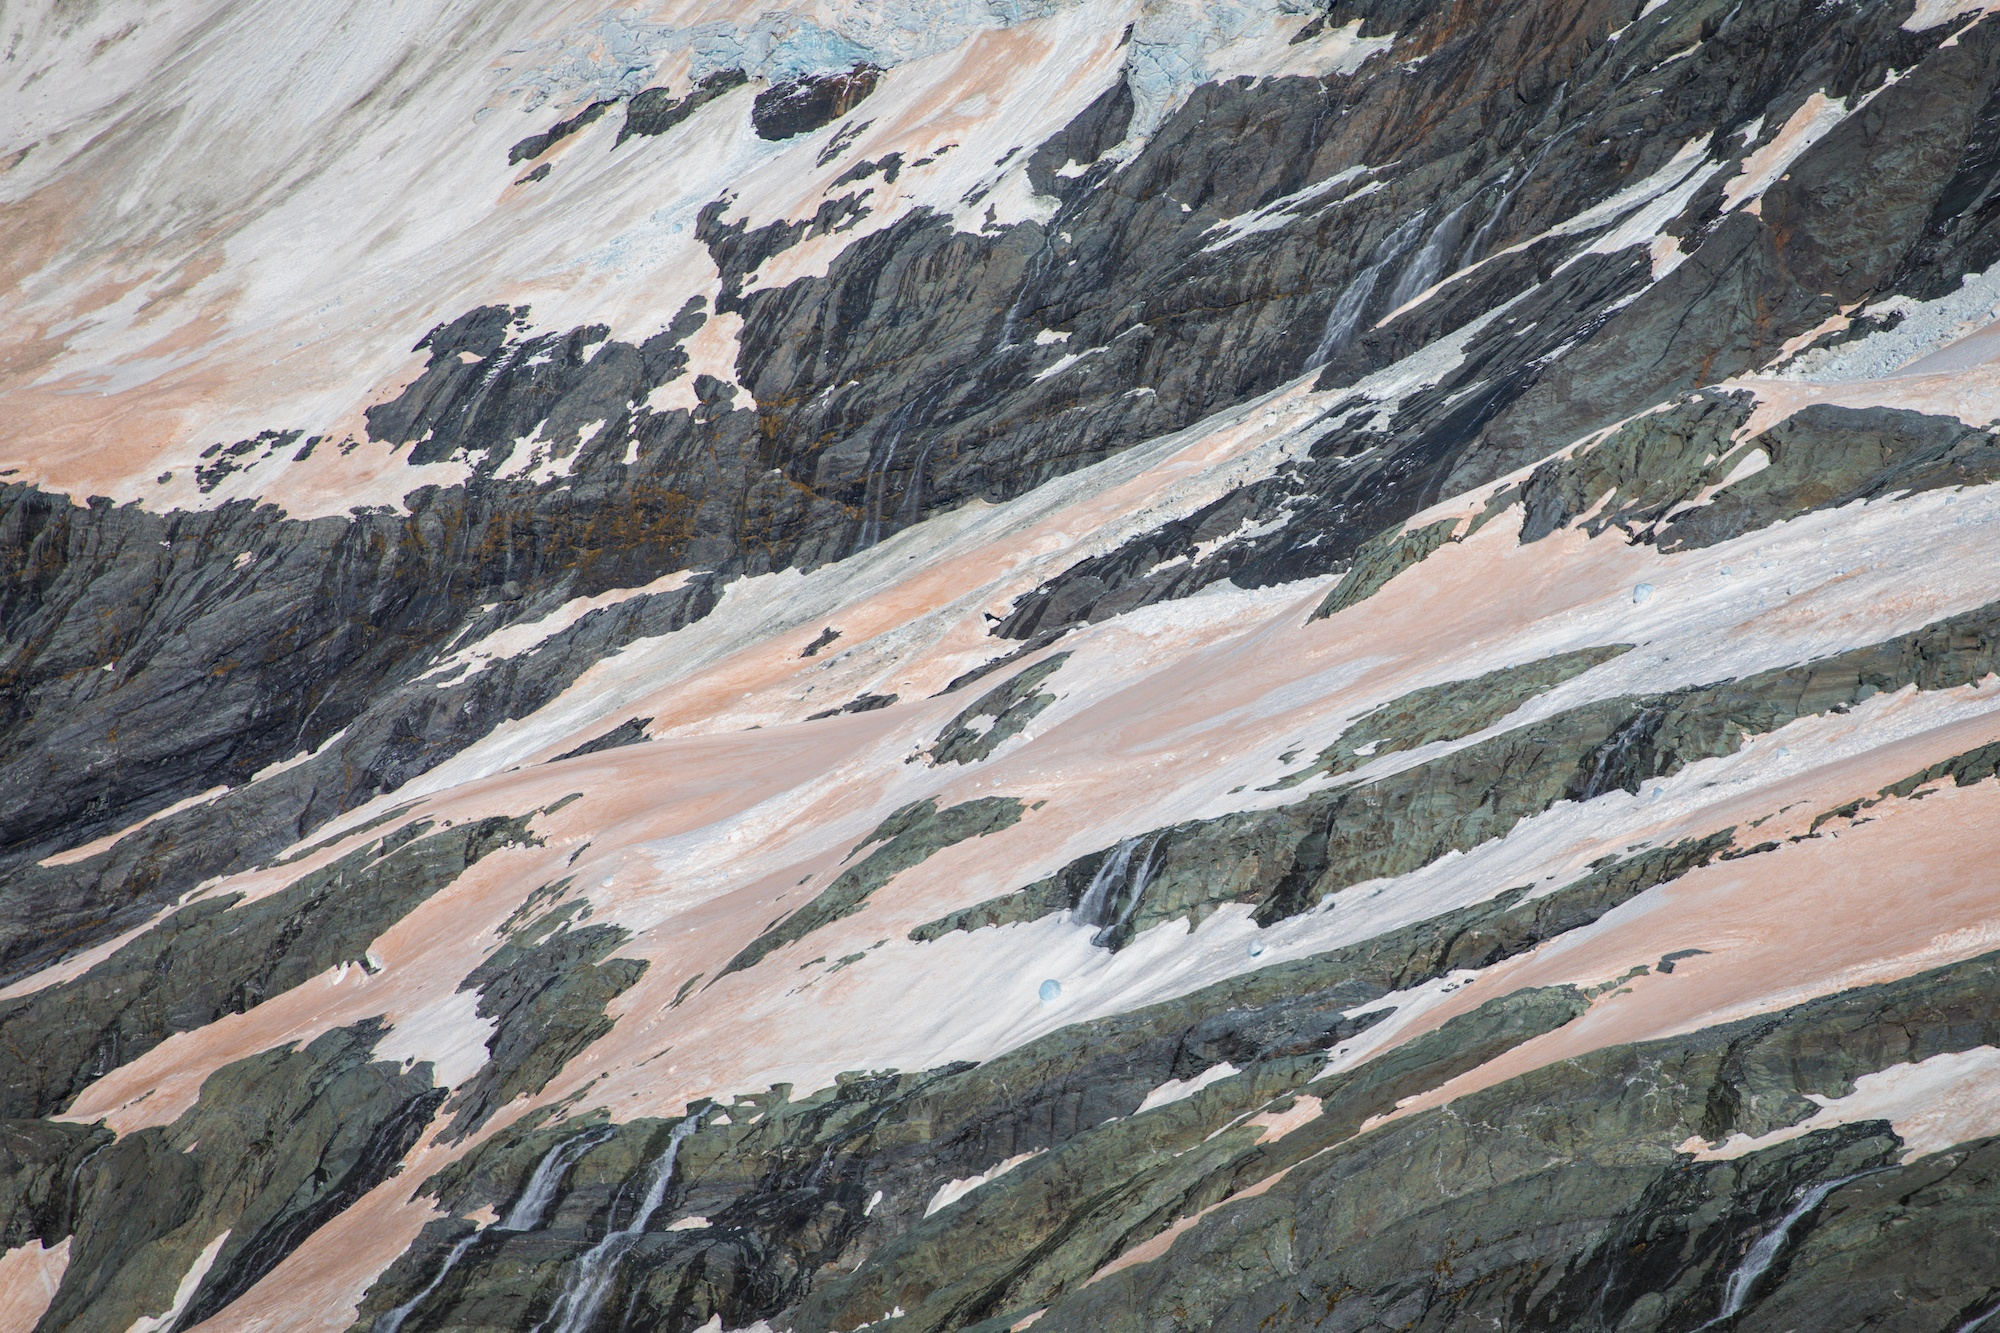 ледники Новой Зеландии